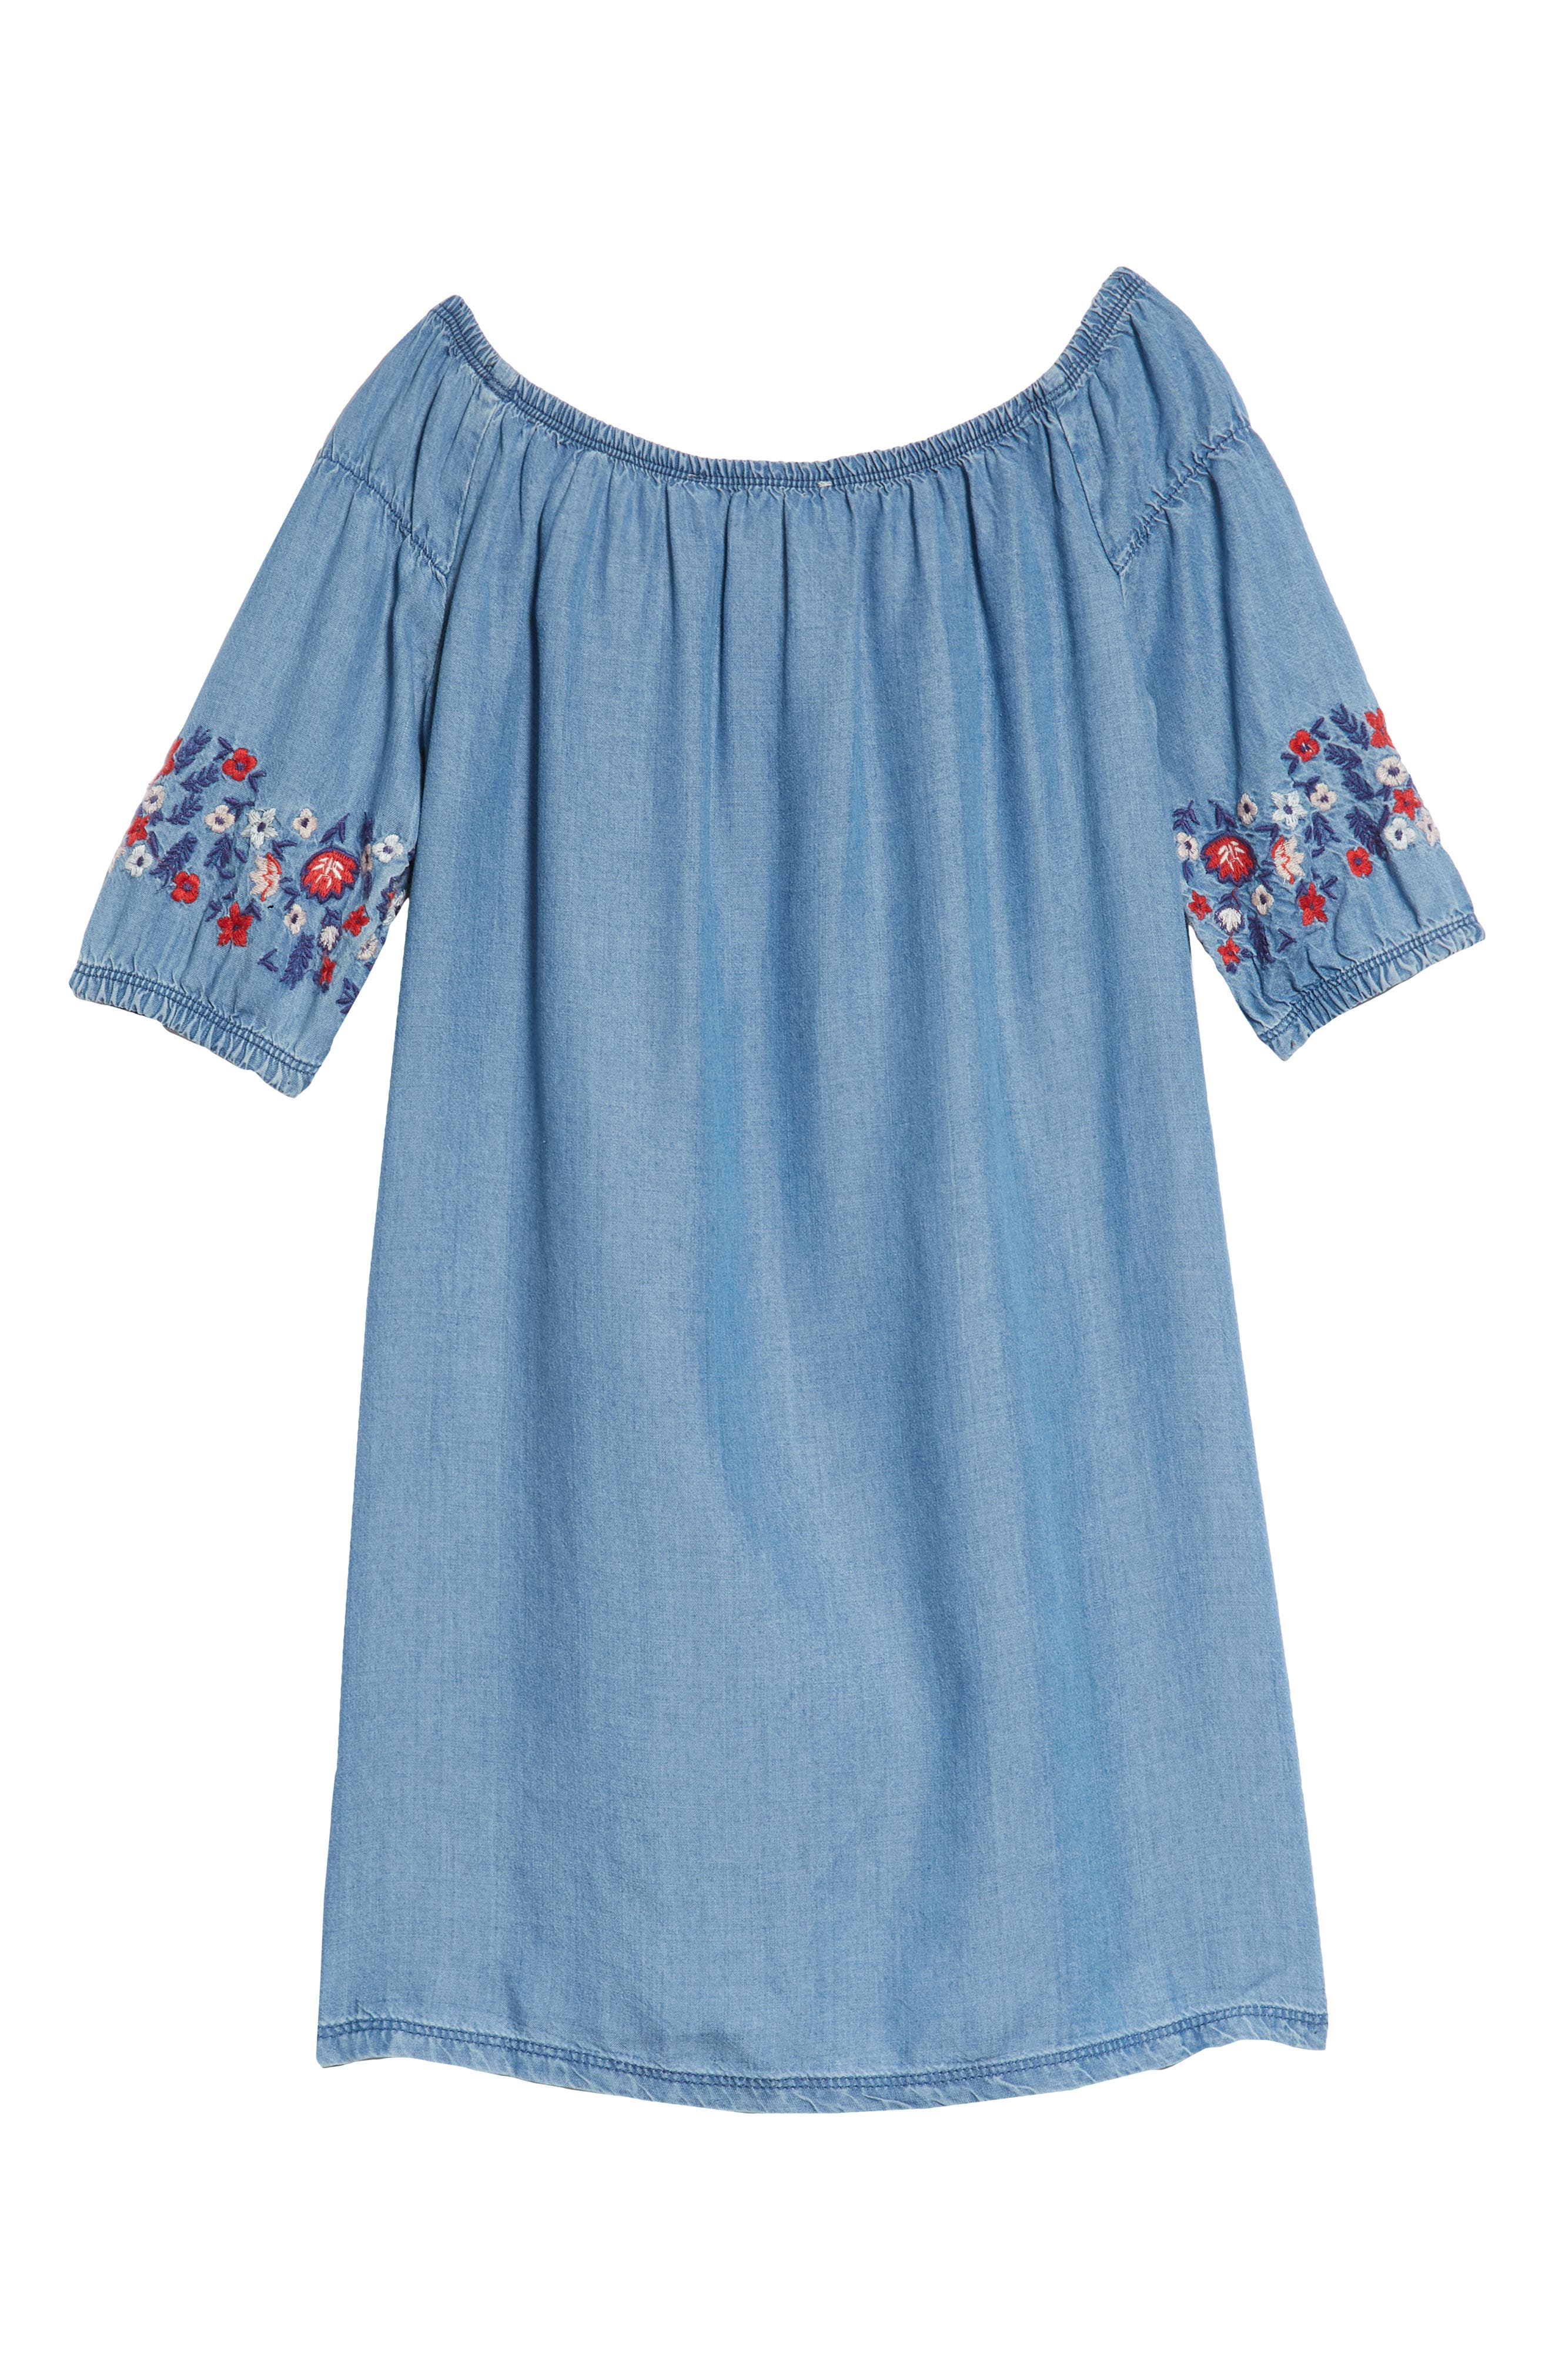 Flower Embroidered Off-the-Shoulder Dress,                             Alternate thumbnail 2, color,                             Blue River Wash